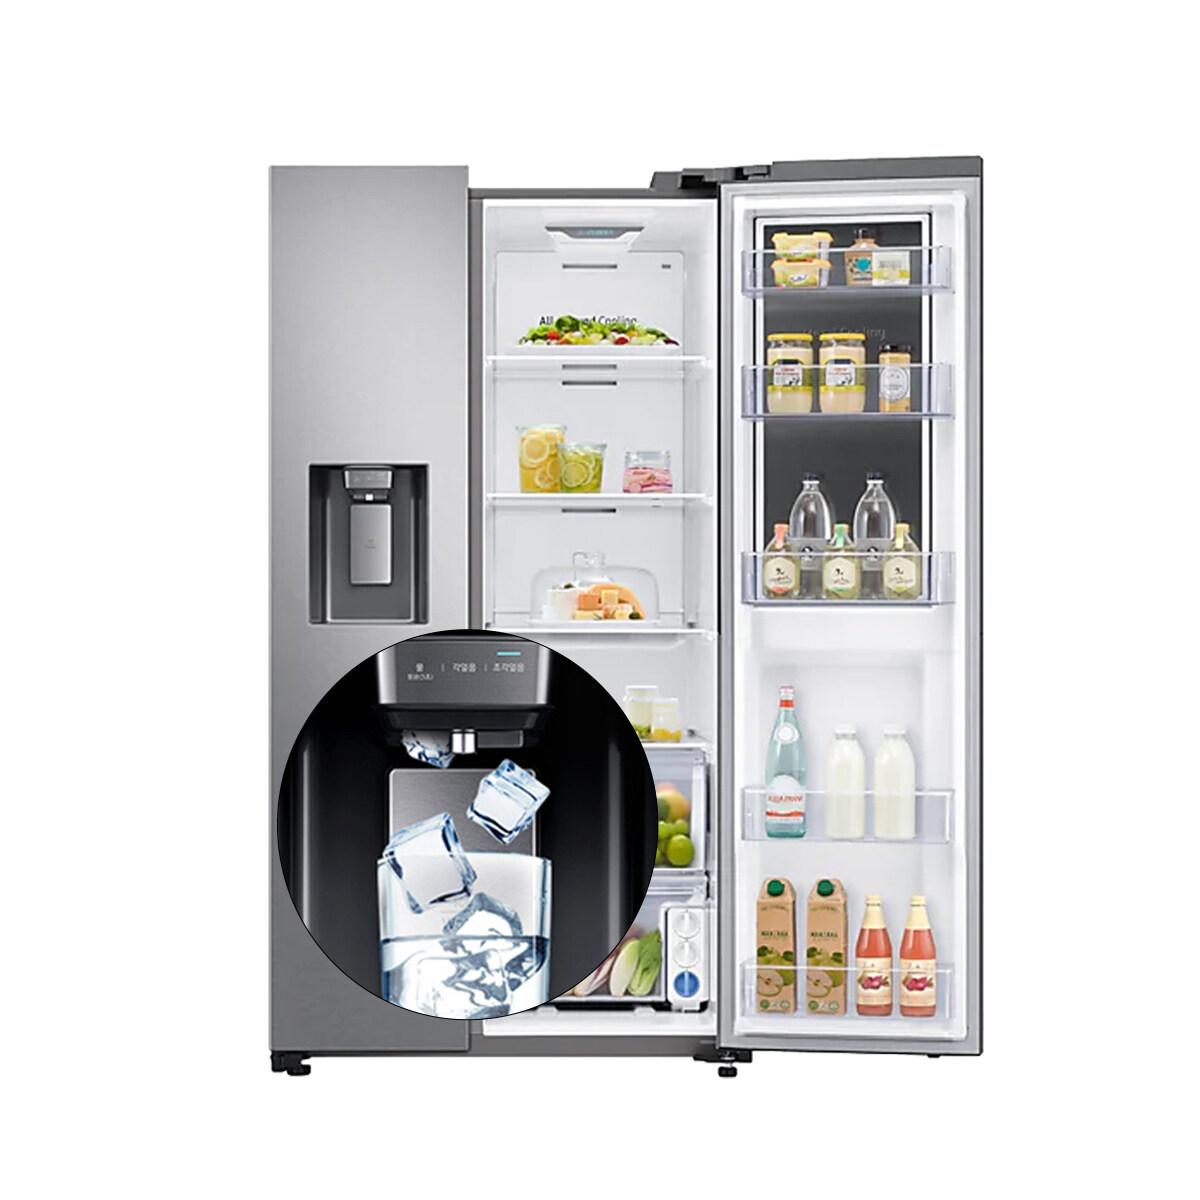 삼성 얼음정수기 양문형냉장고 RS80T5190SL (추가필터증정)